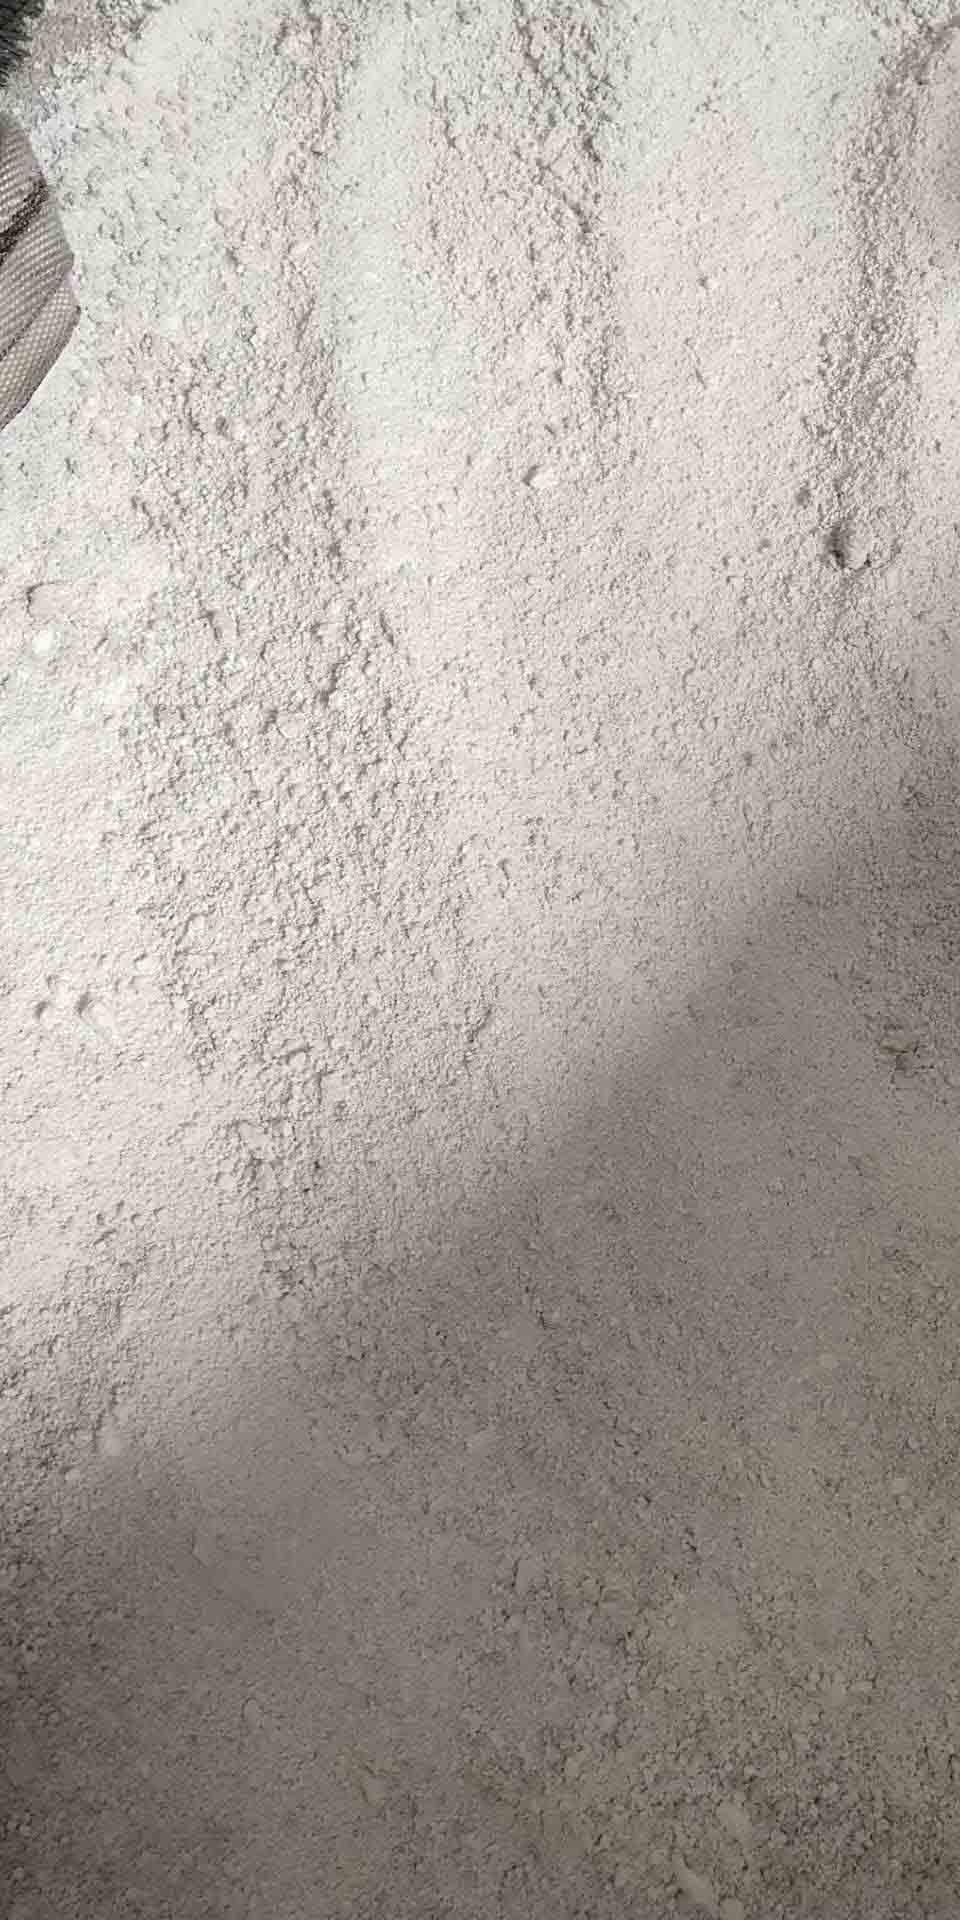 氧化铝粉末